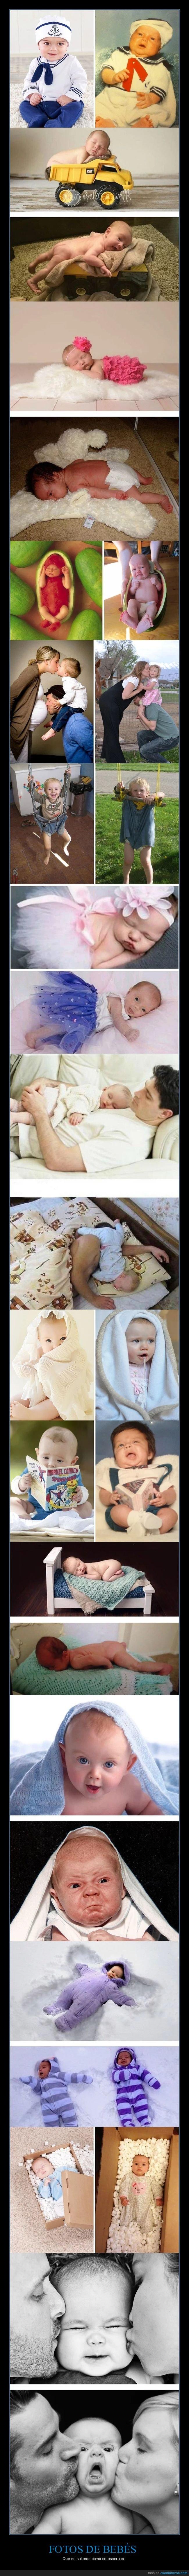 bebés,fails,fotografías